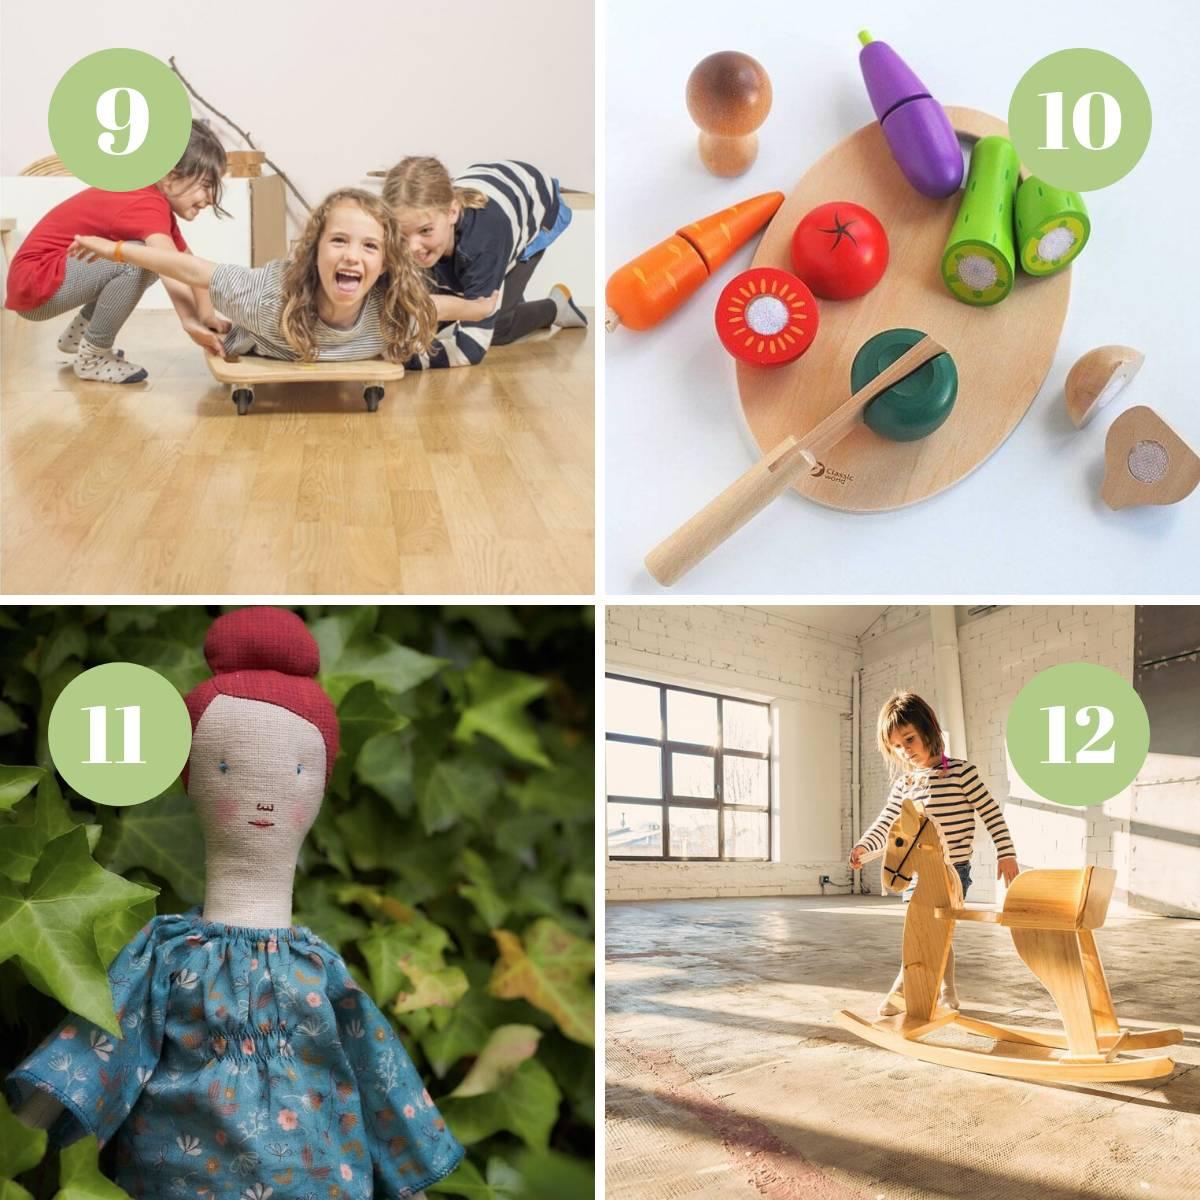 Tiendas online de juguetes ecológicos y sostenibles